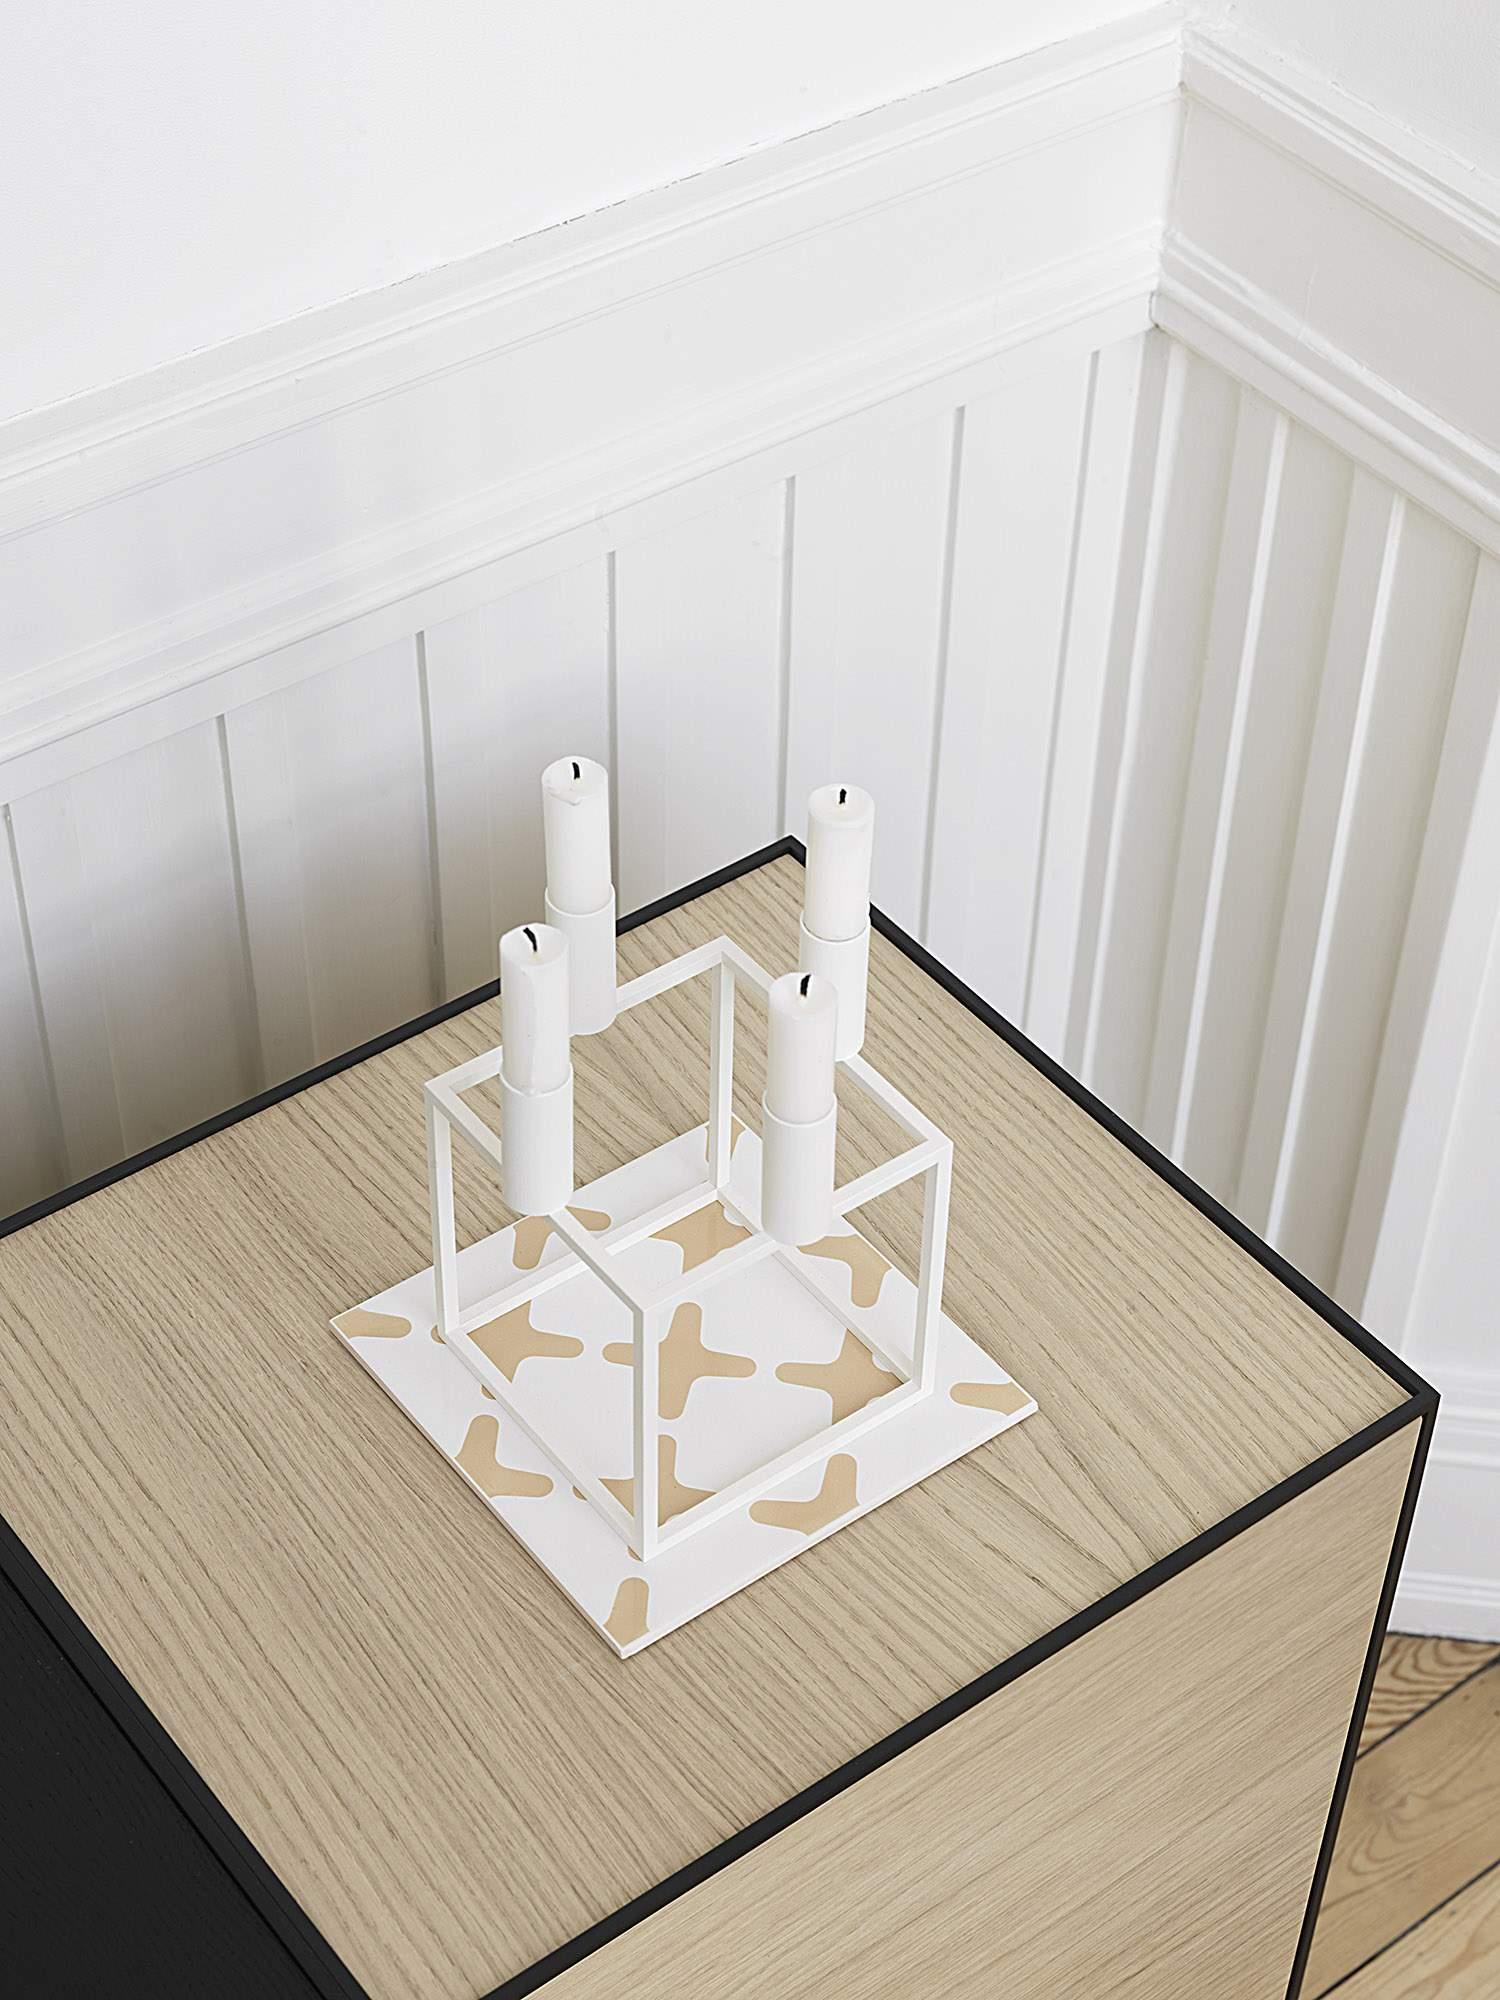 Chandelier KUBUS design 1962 - Mogens LASSEN